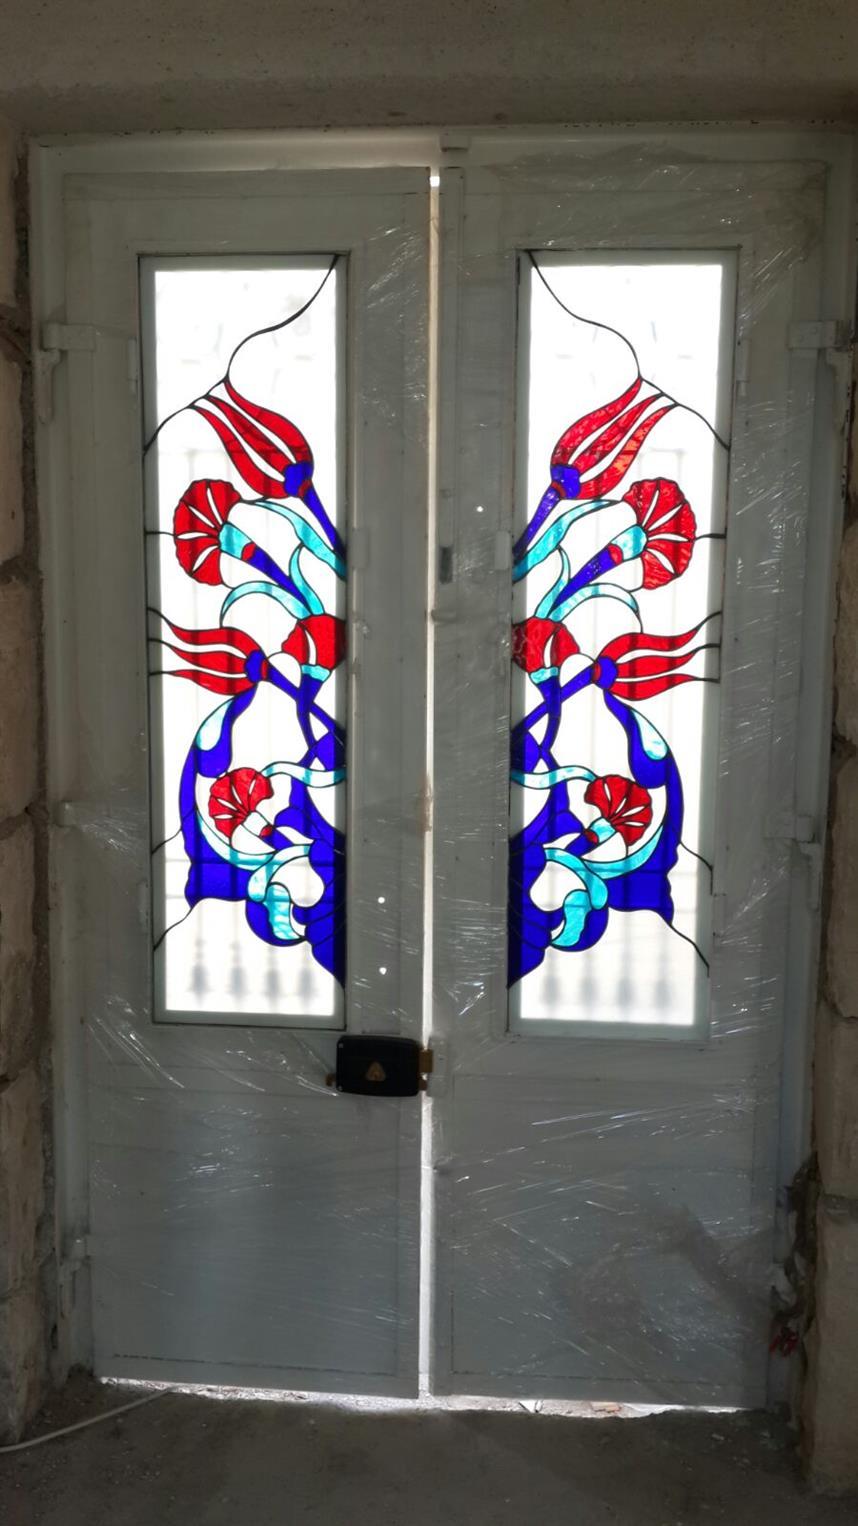 urla-evleri-vitray-calismasi201652145032300.jpg izmir vitray çalışması